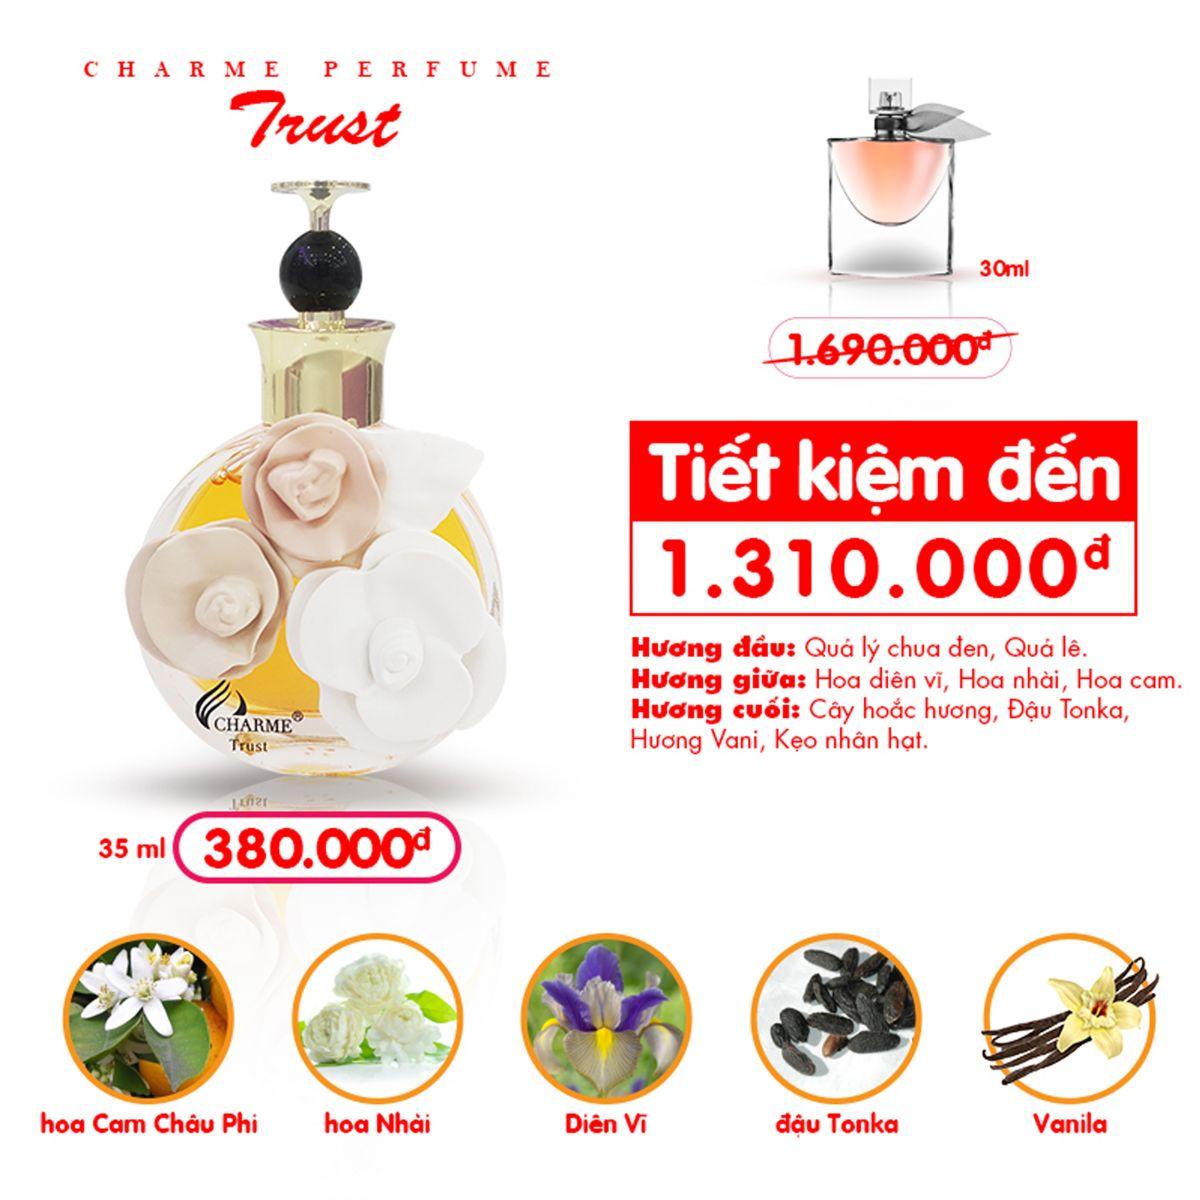 Charme - Trust 50ml - Nước hoa nữ